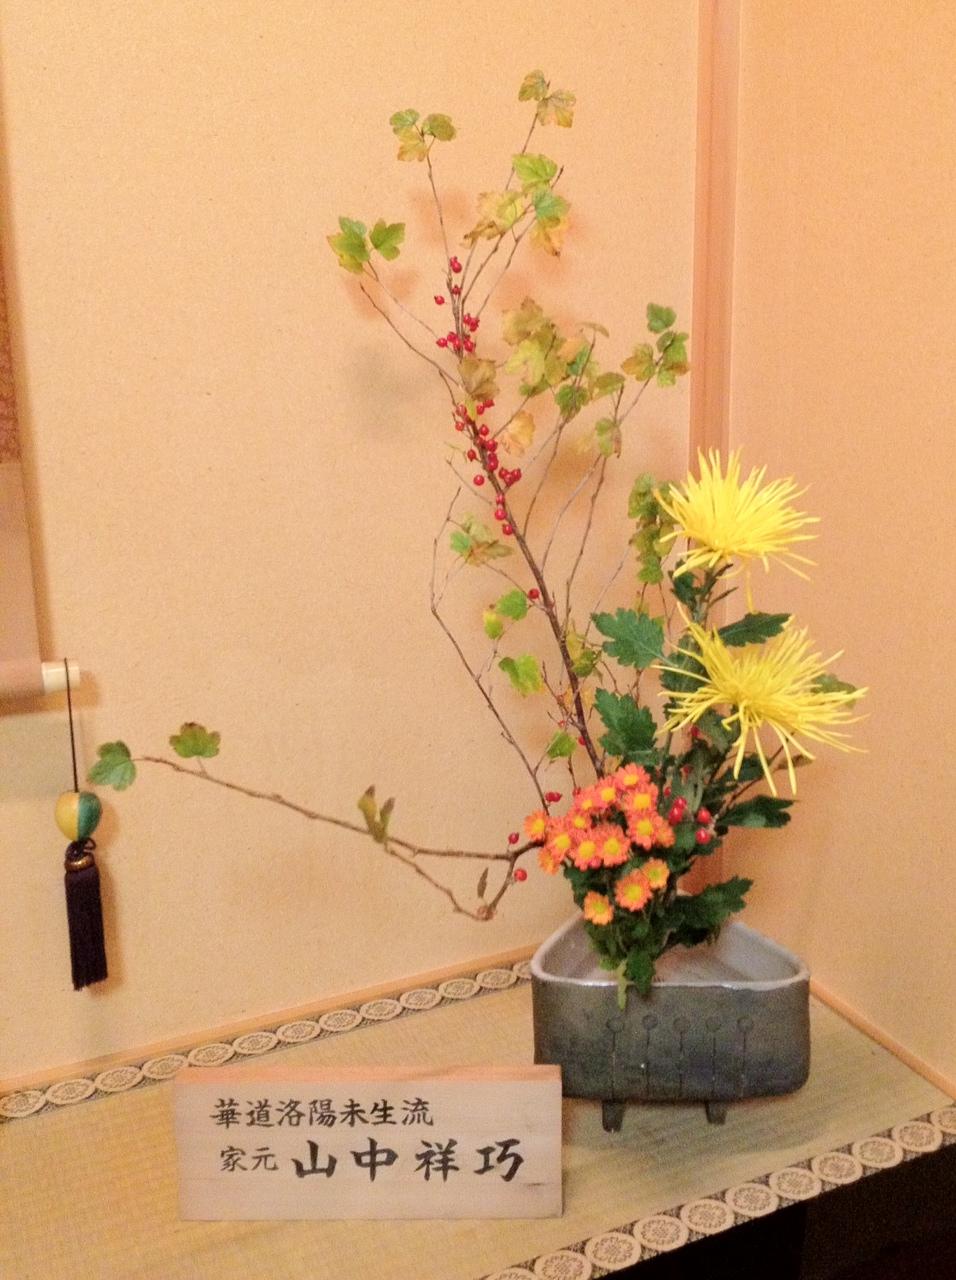 サンザシ、菊、野菊の自由花_b0248803_22484076.jpg